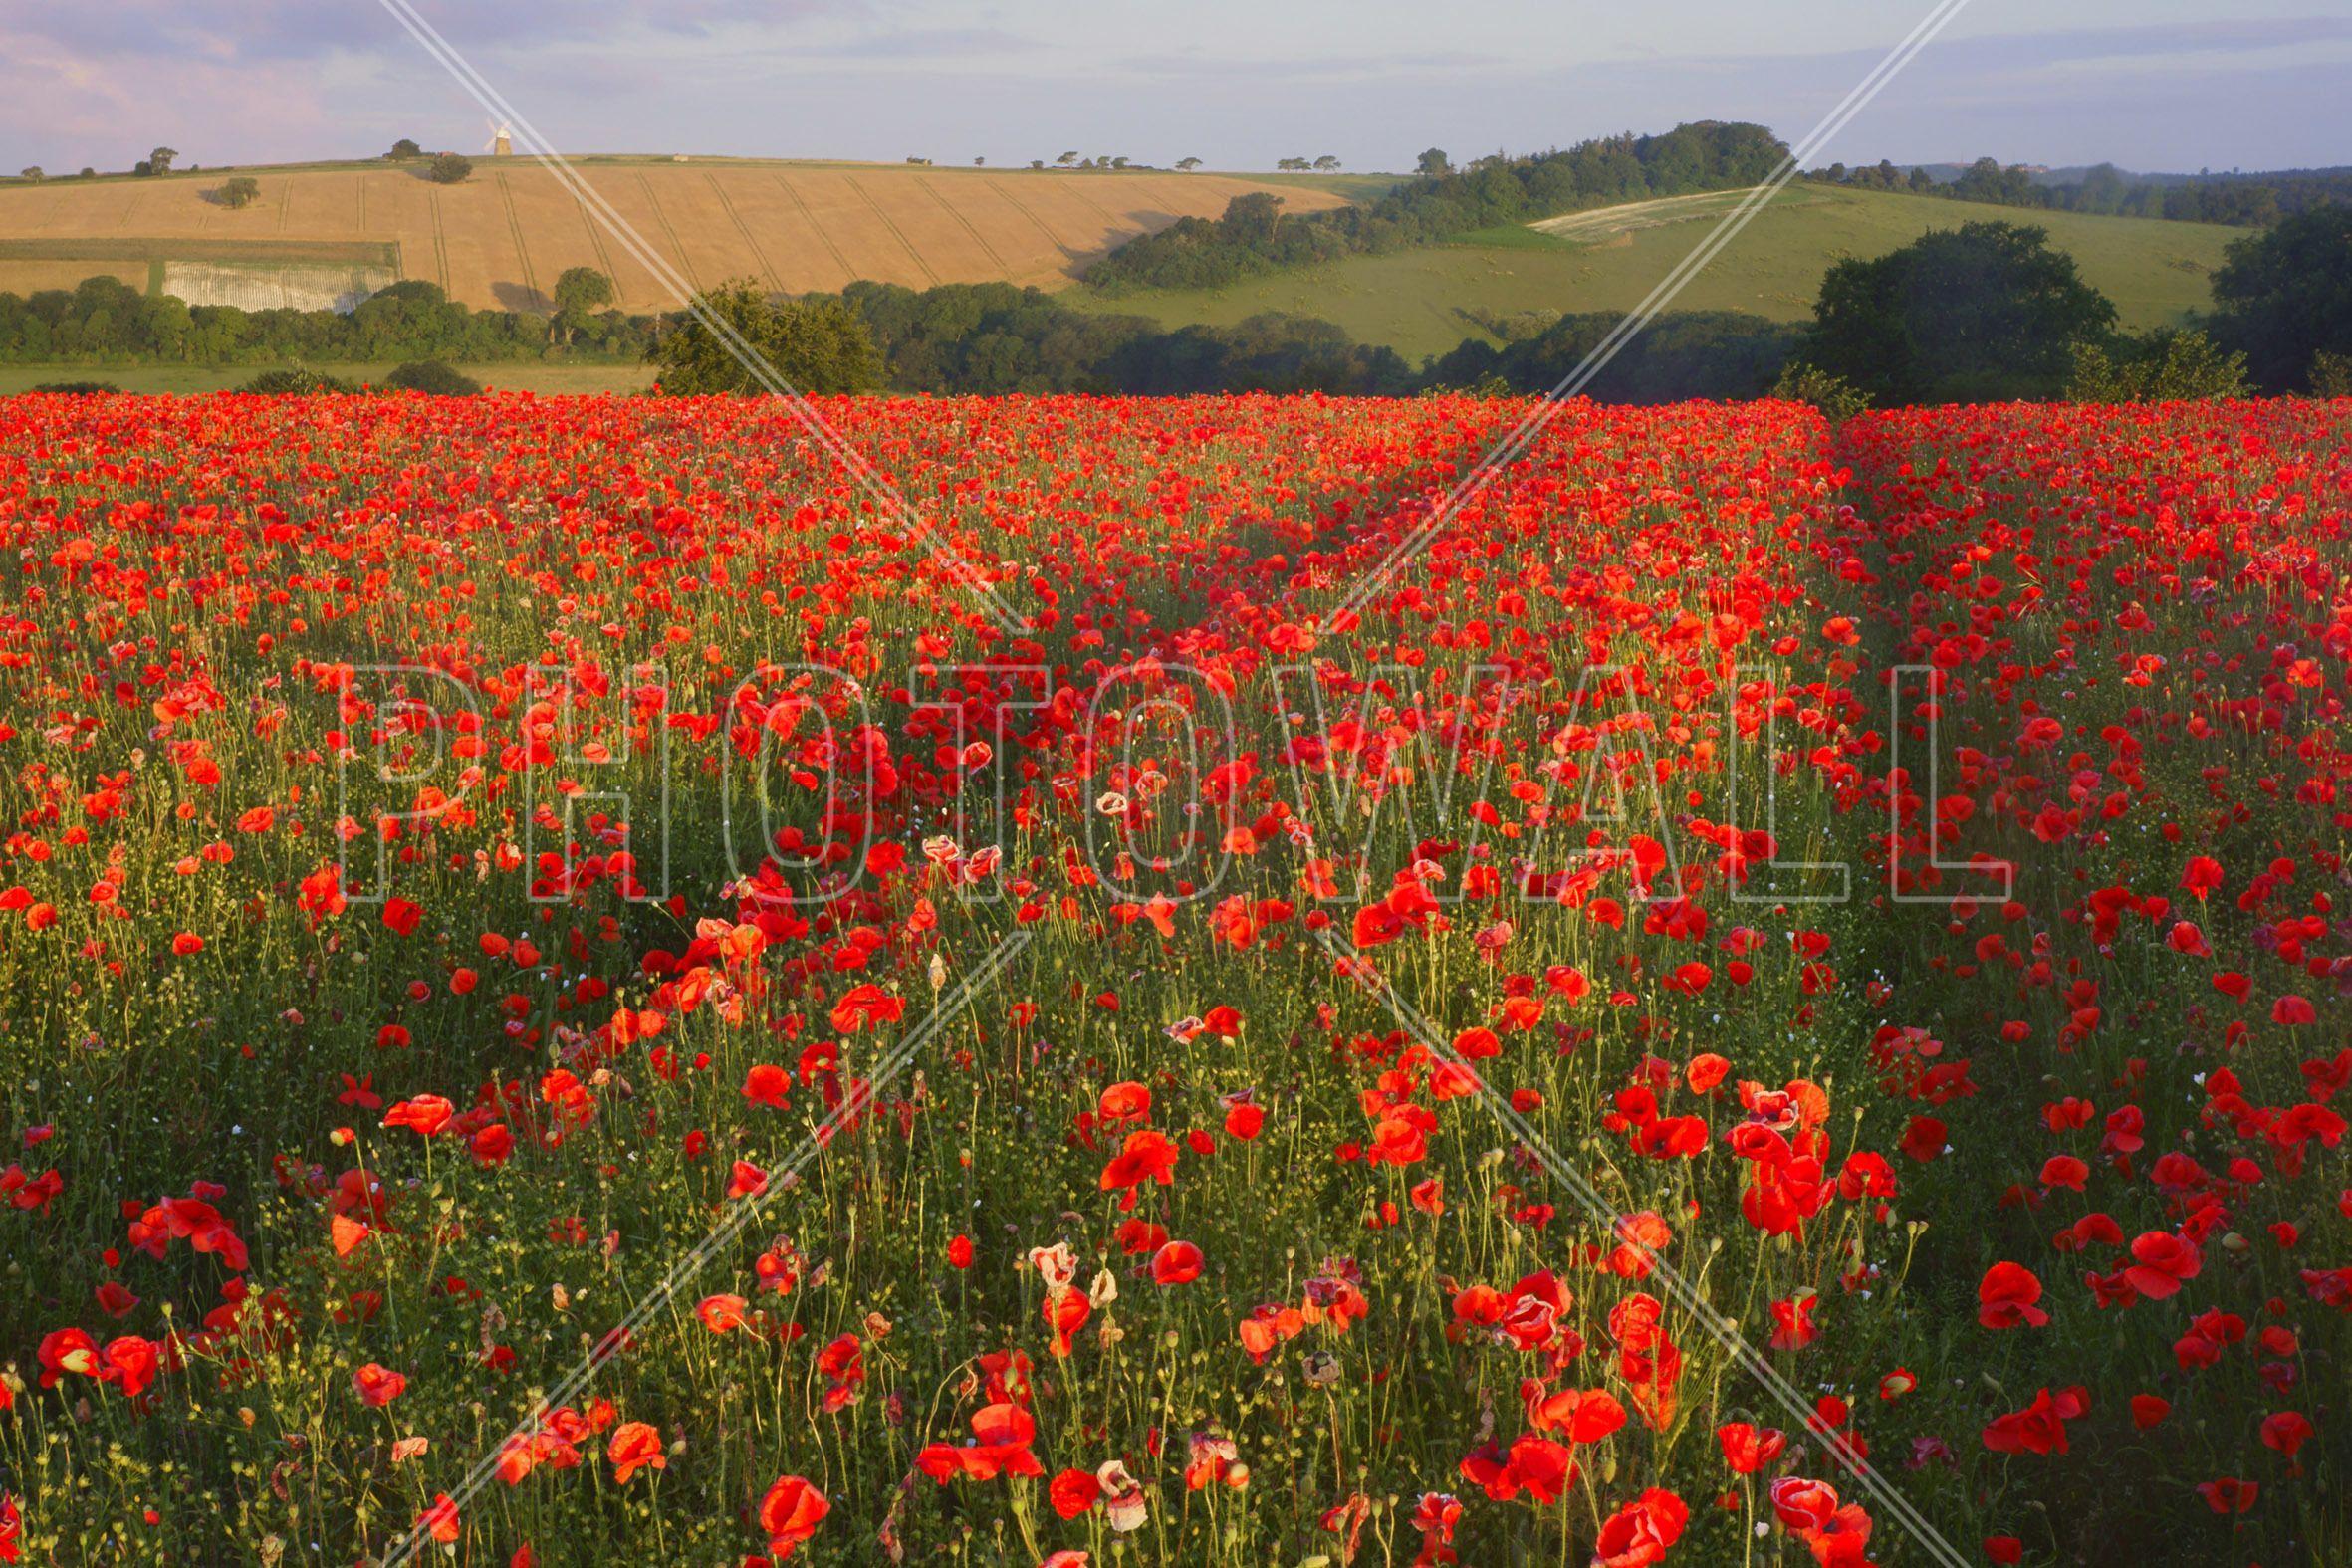 pin auf photoshop bild leinwand drucken leinwanddruck bilder